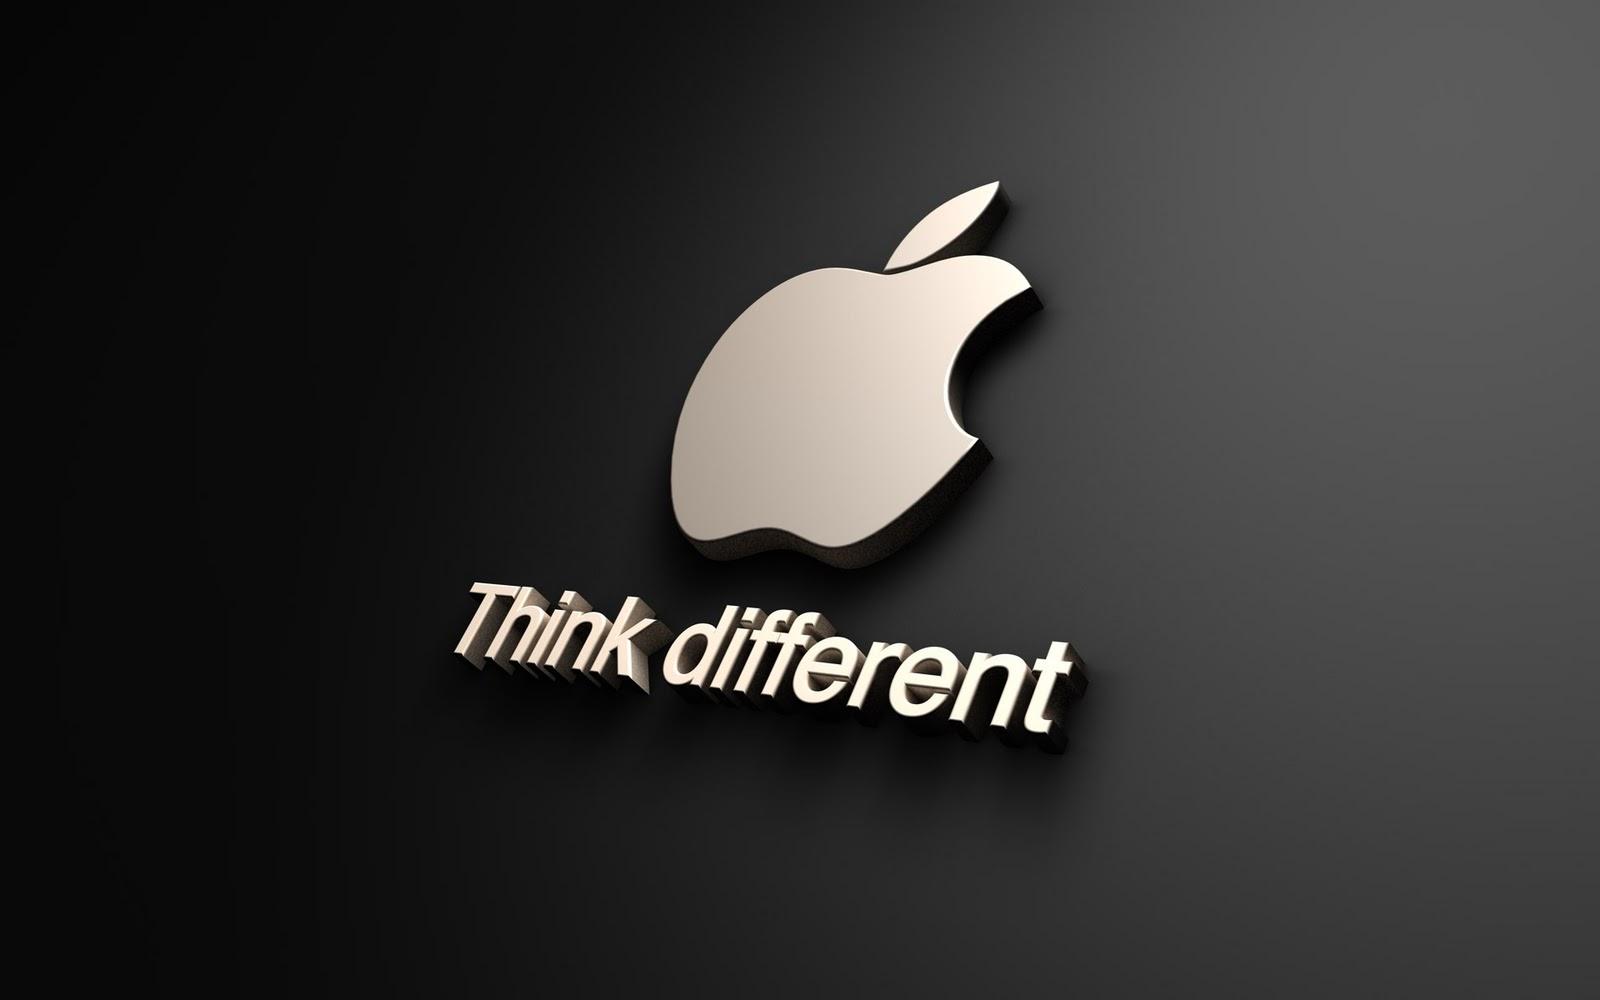 Упс, нежданчик: российские разработчик жалуются на санкции Apple